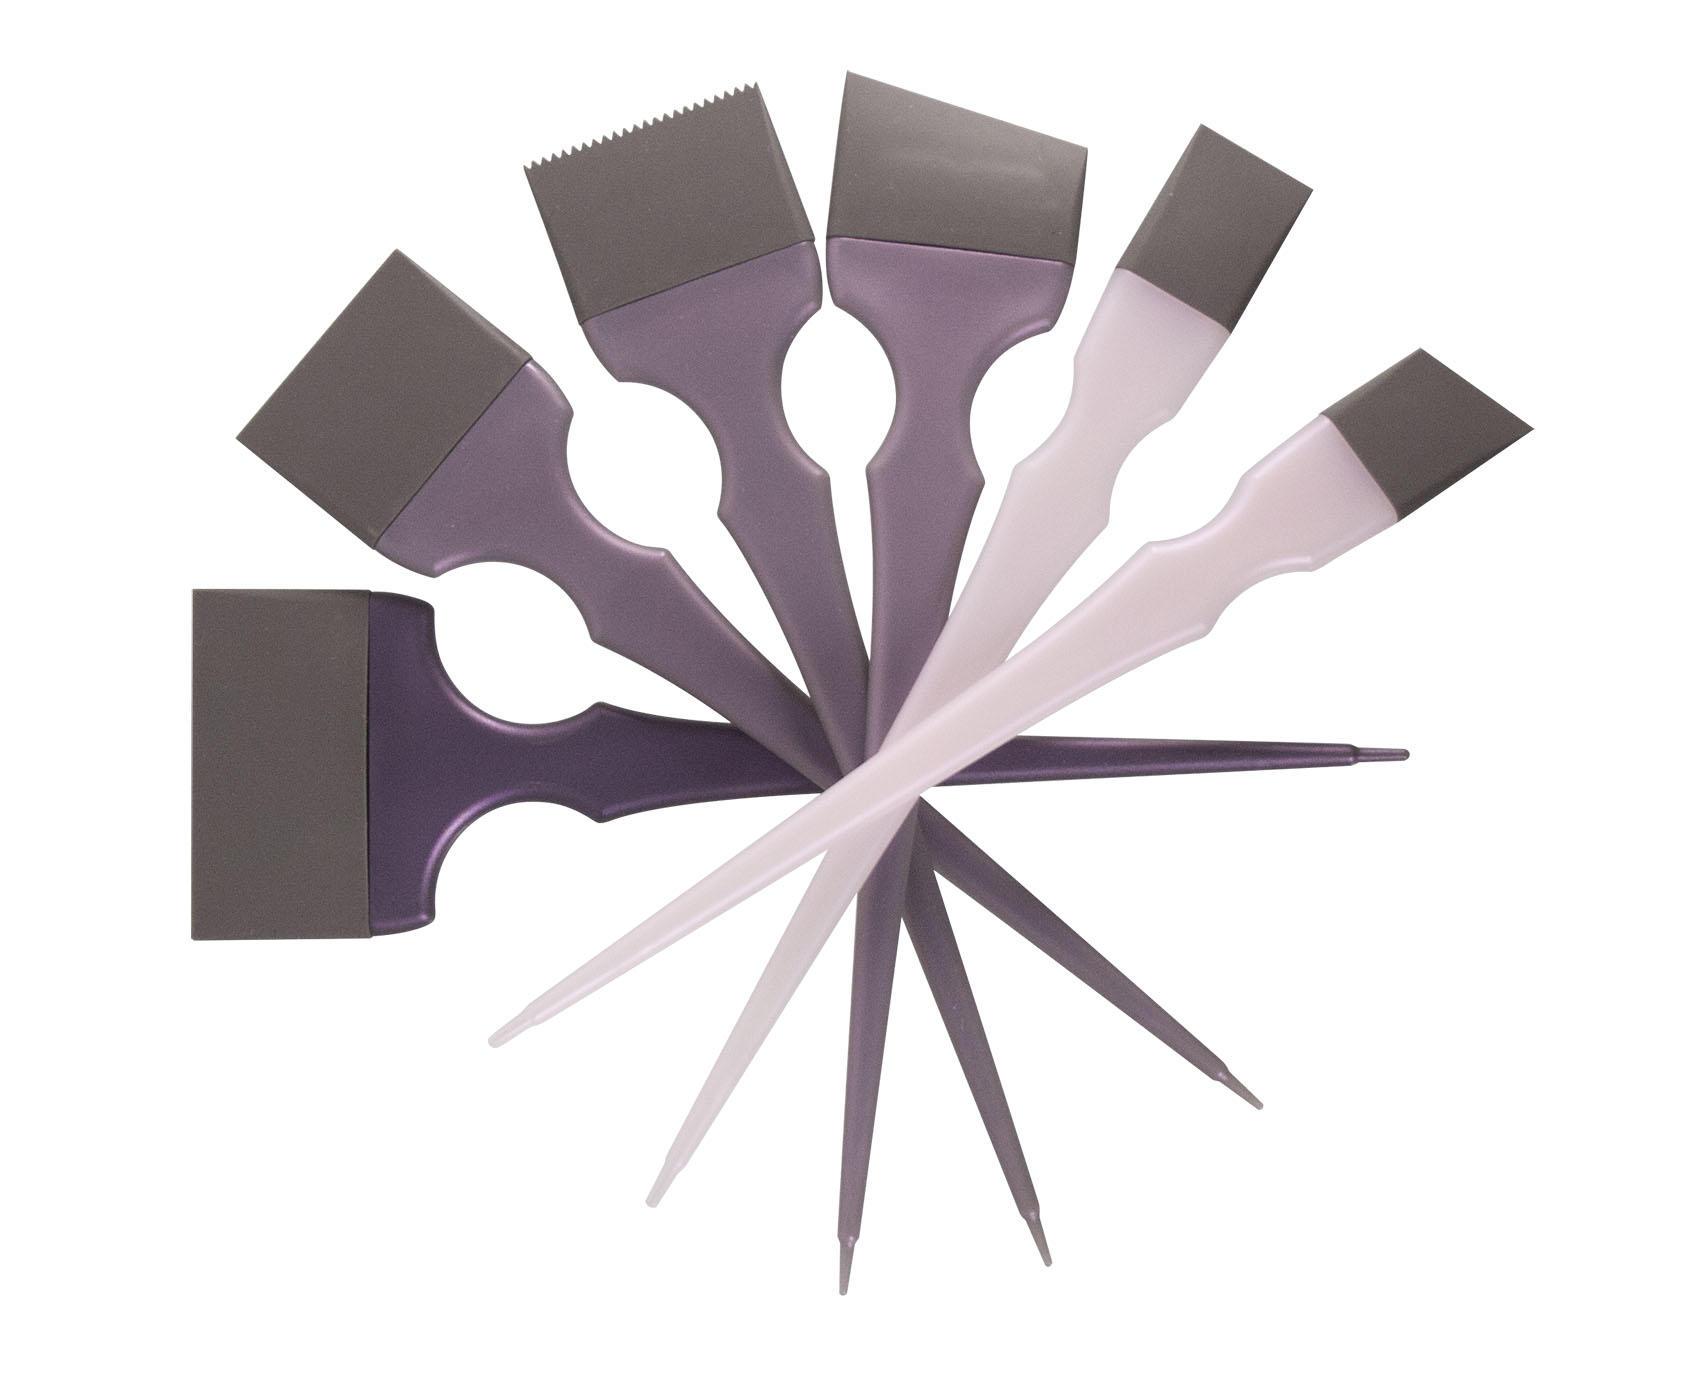 custom hair dye brush hair tinting brush silicone hair color brush